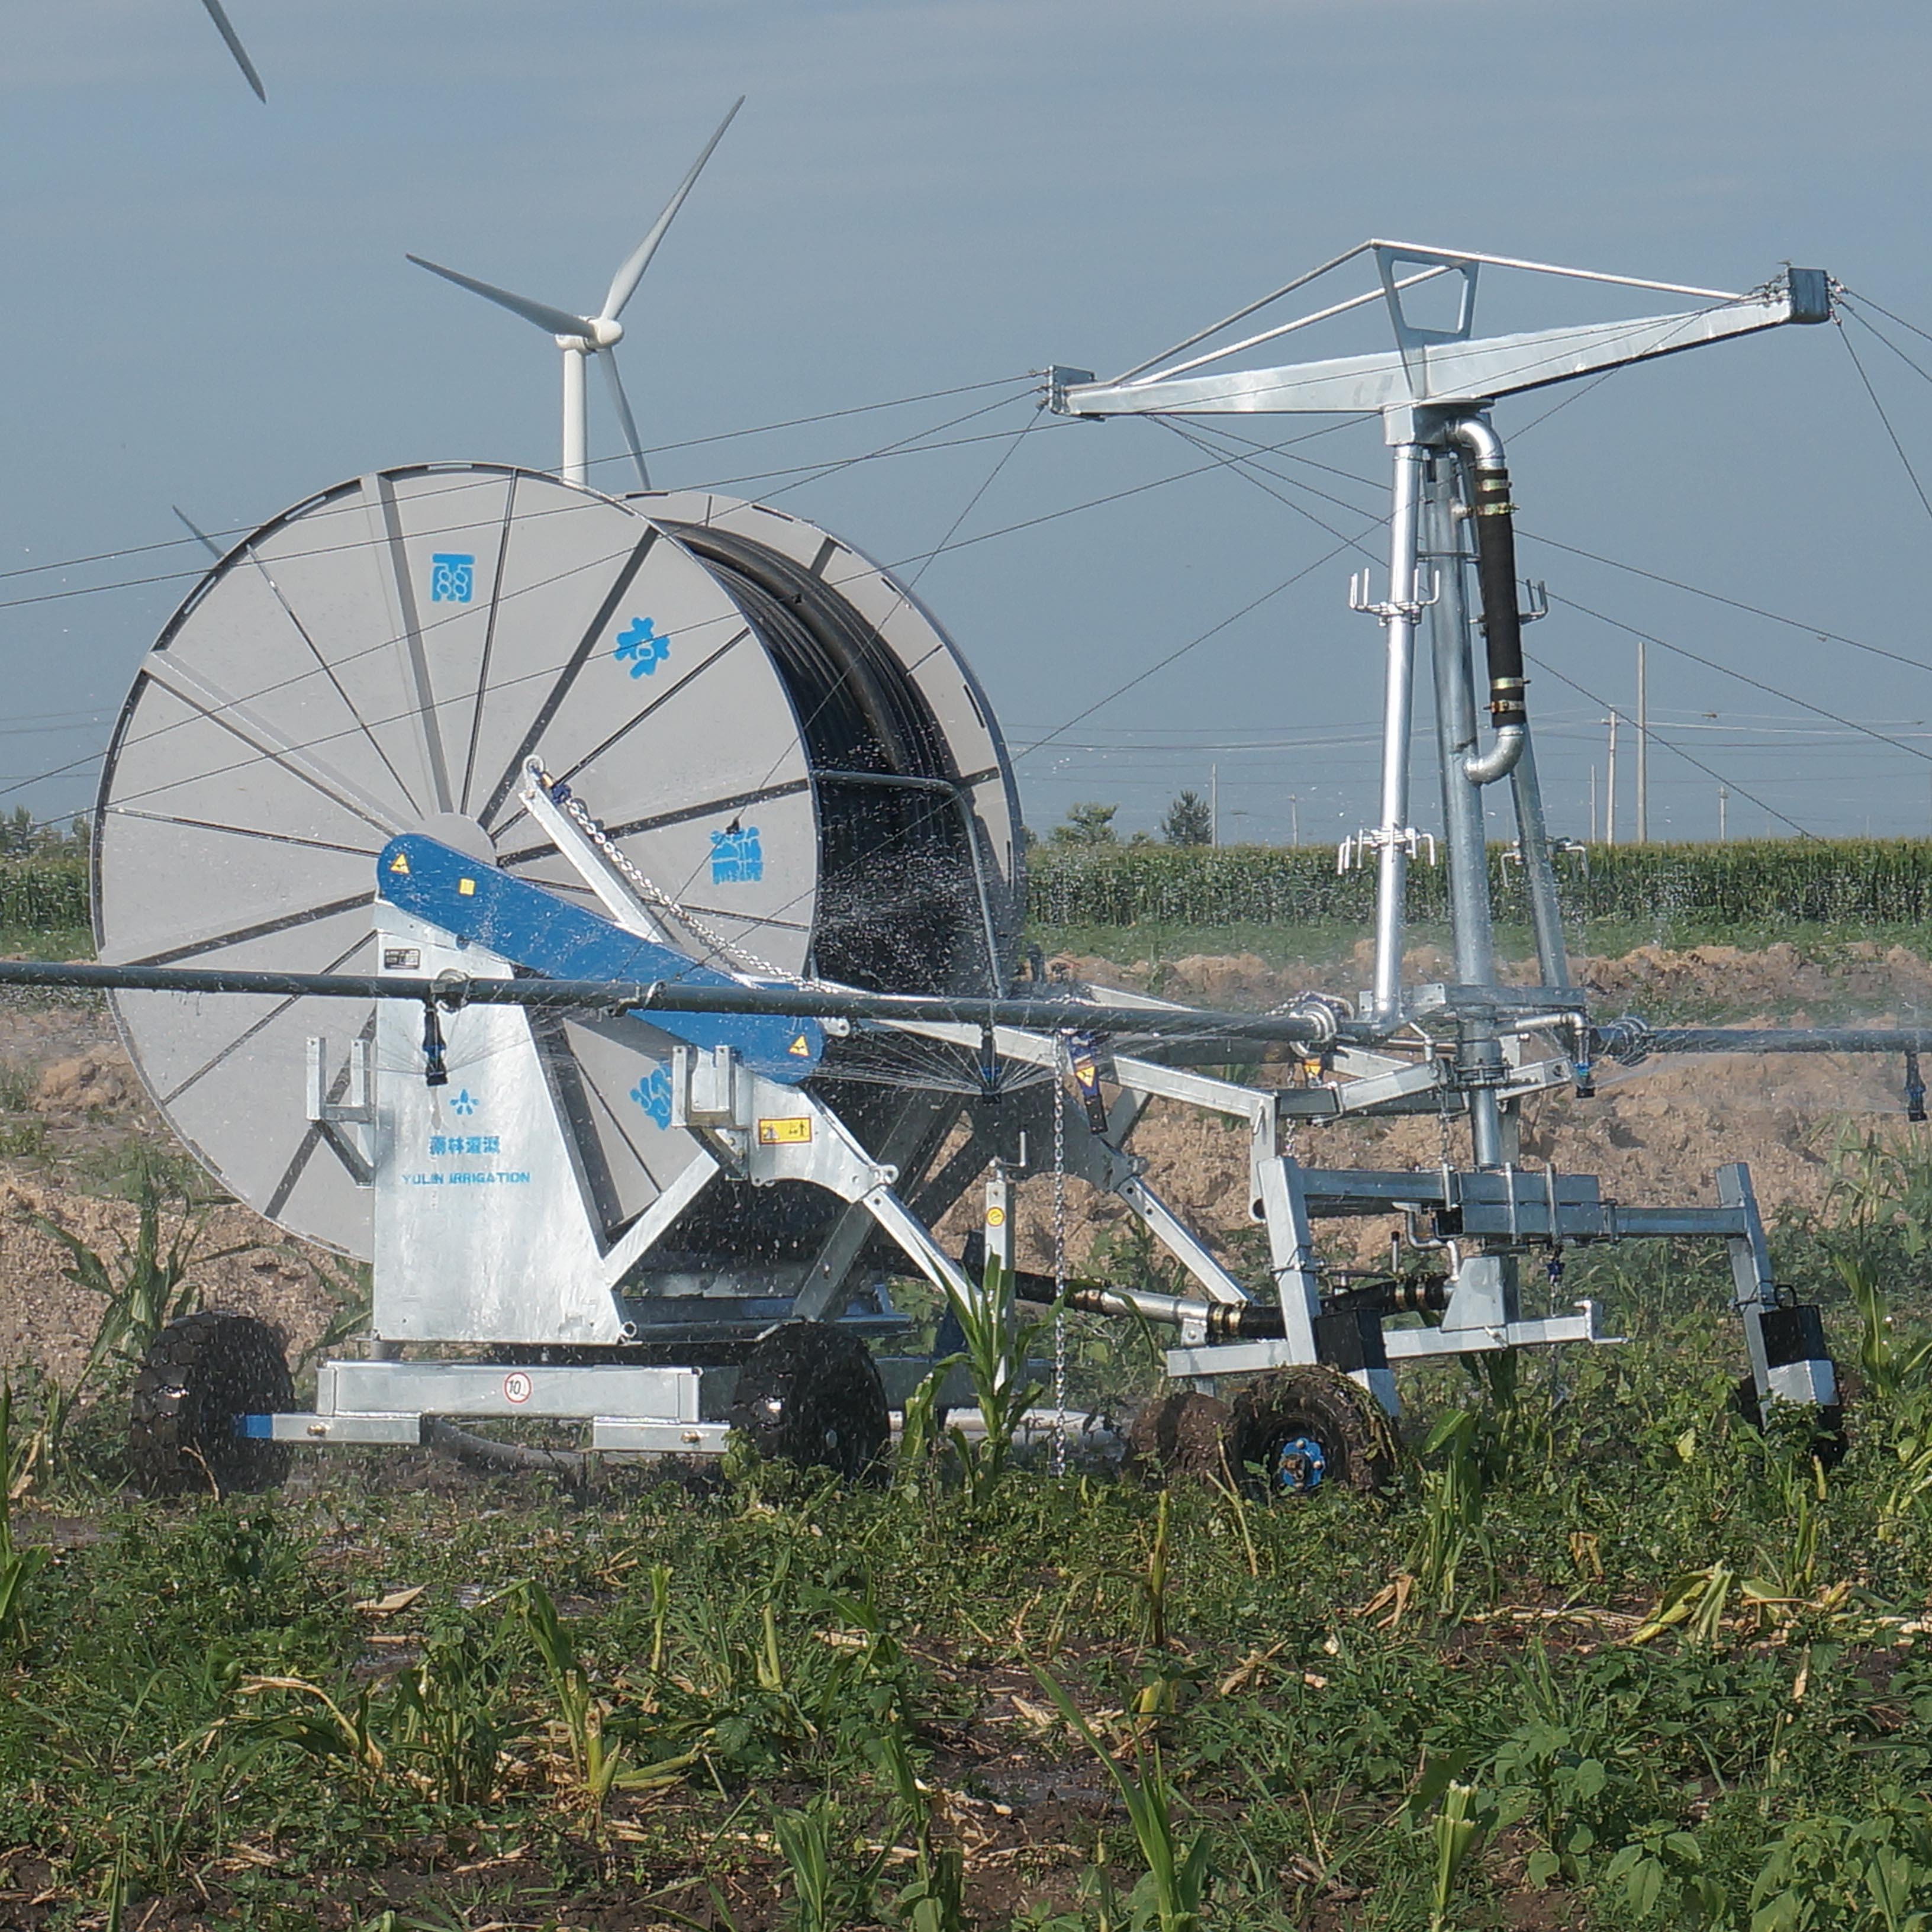 Water Sprinkler Hose Reel Irrigation Machine With Boom Manufacturers, Water Sprinkler Hose Reel Irrigation Machine With Boom Factory, Supply Water Sprinkler Hose Reel Irrigation Machine With Boom